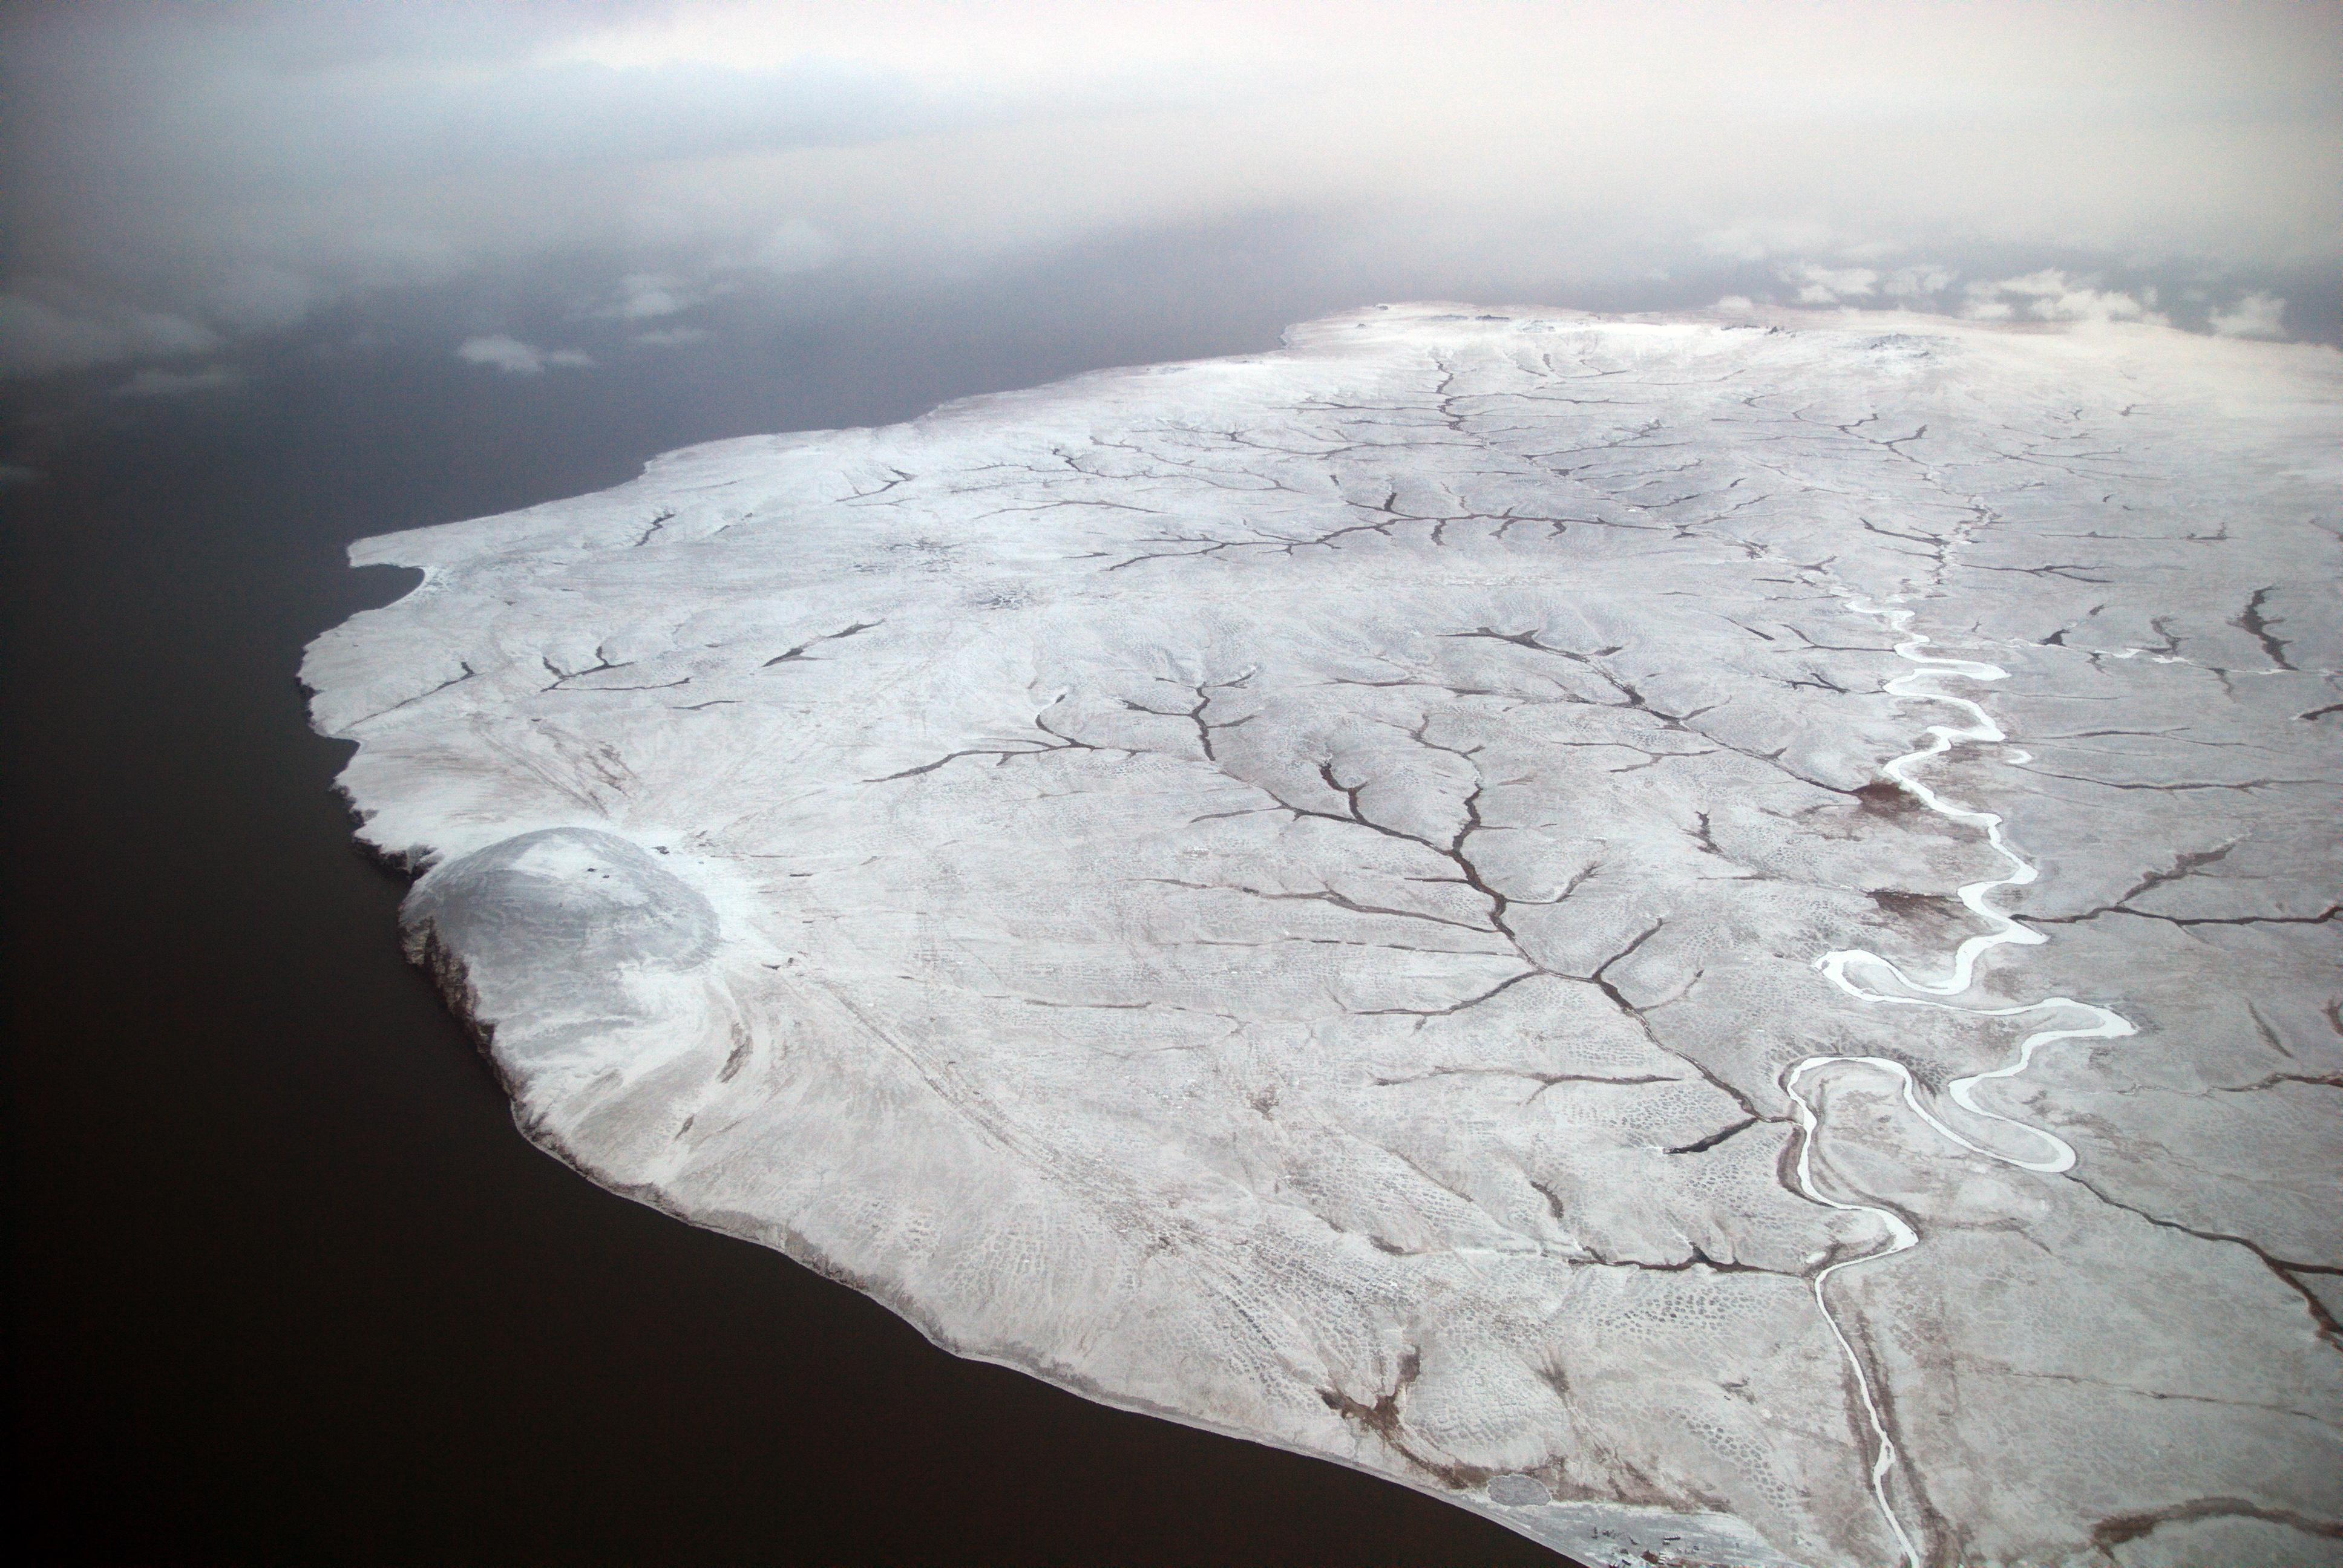 Kigilyakh Peninsula of Bolshoy Lyakhovsky Island